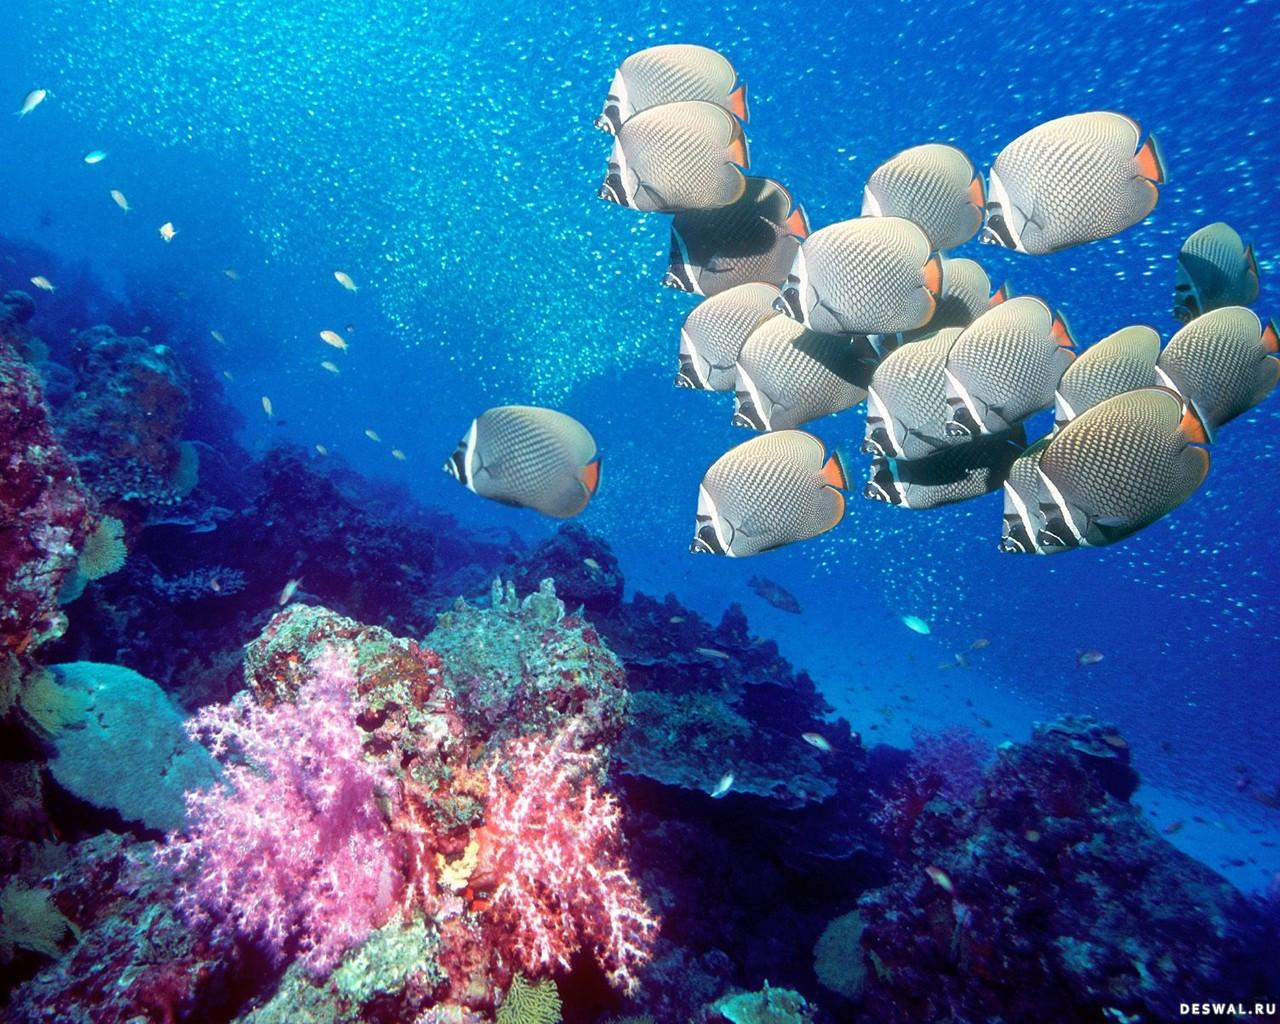 Фото 10. Нажмите на картинку с обоями подводного мира, чтобы просмотреть ее в реальном размере